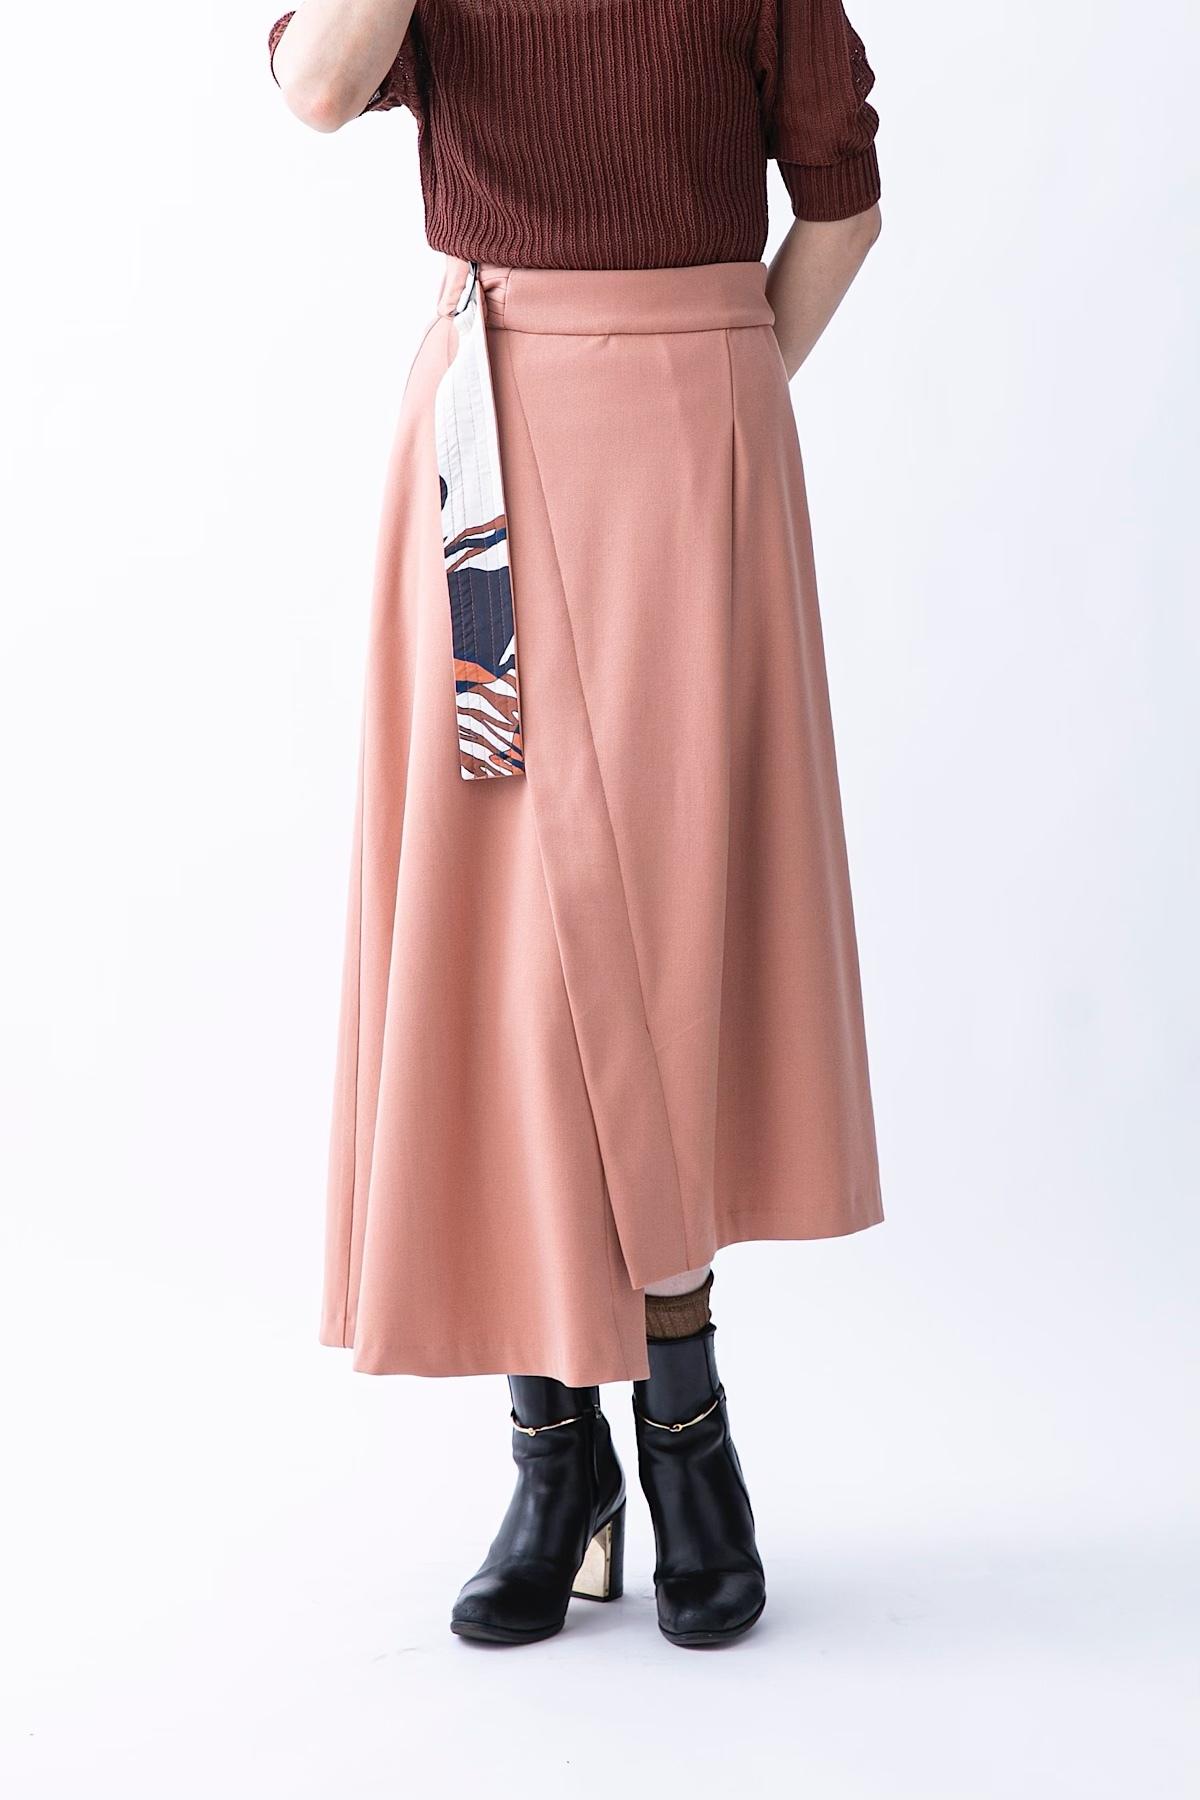 ソフトサーモスカート 4色:コーラル